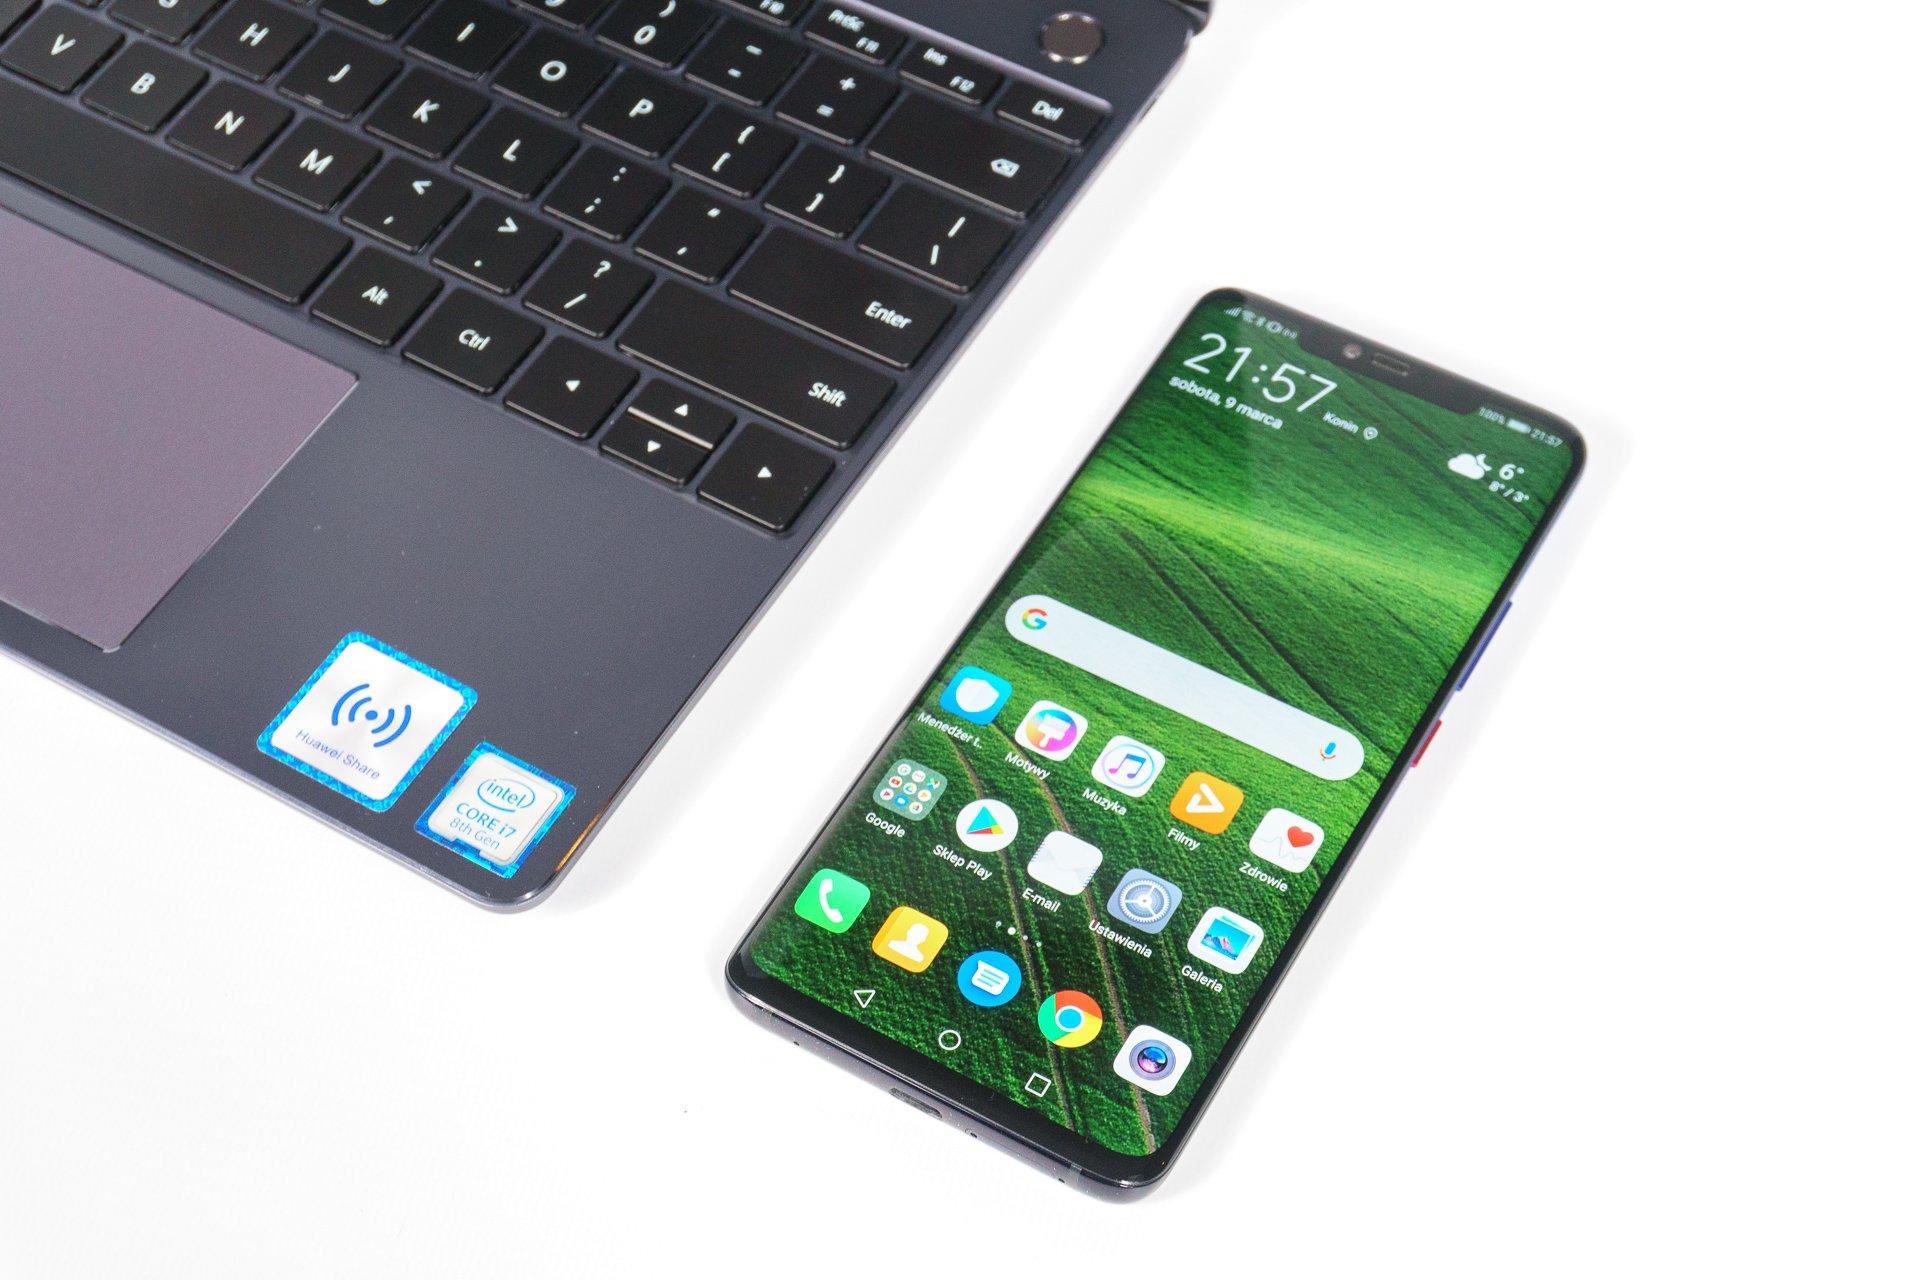 Chińskie ekrany OLED pojawią się nawet w iPhone'ach 24